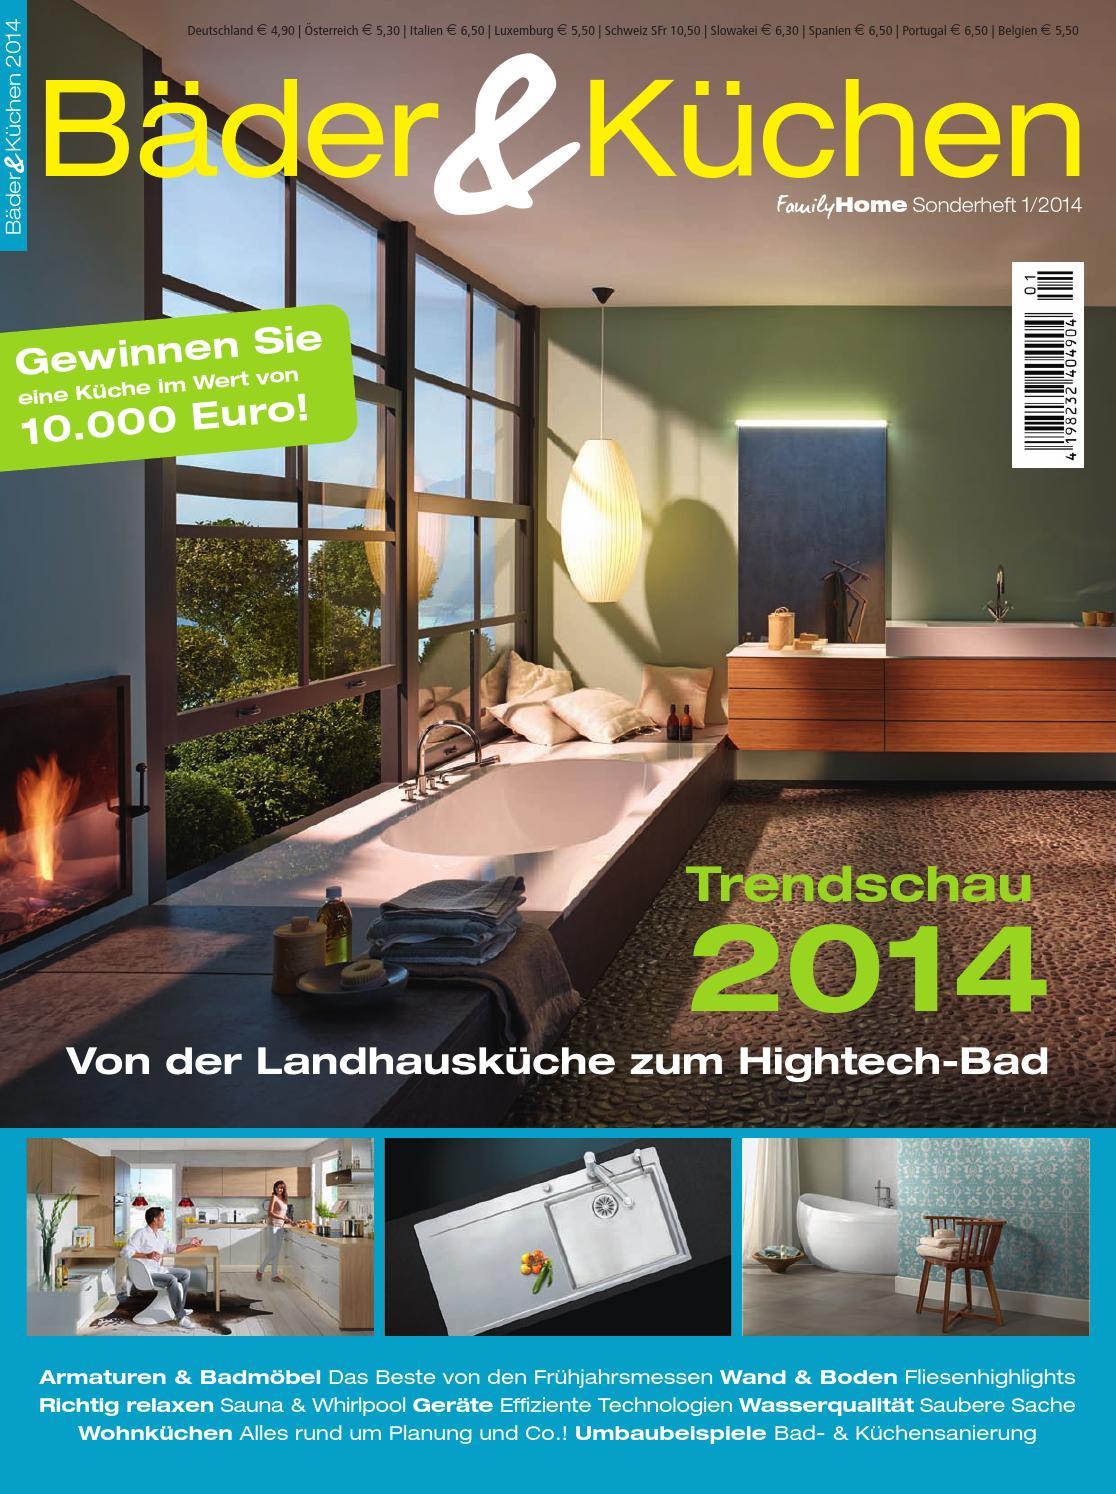 Bäder & Küchen 2014 by Family Home Verlag GmbH - issuu